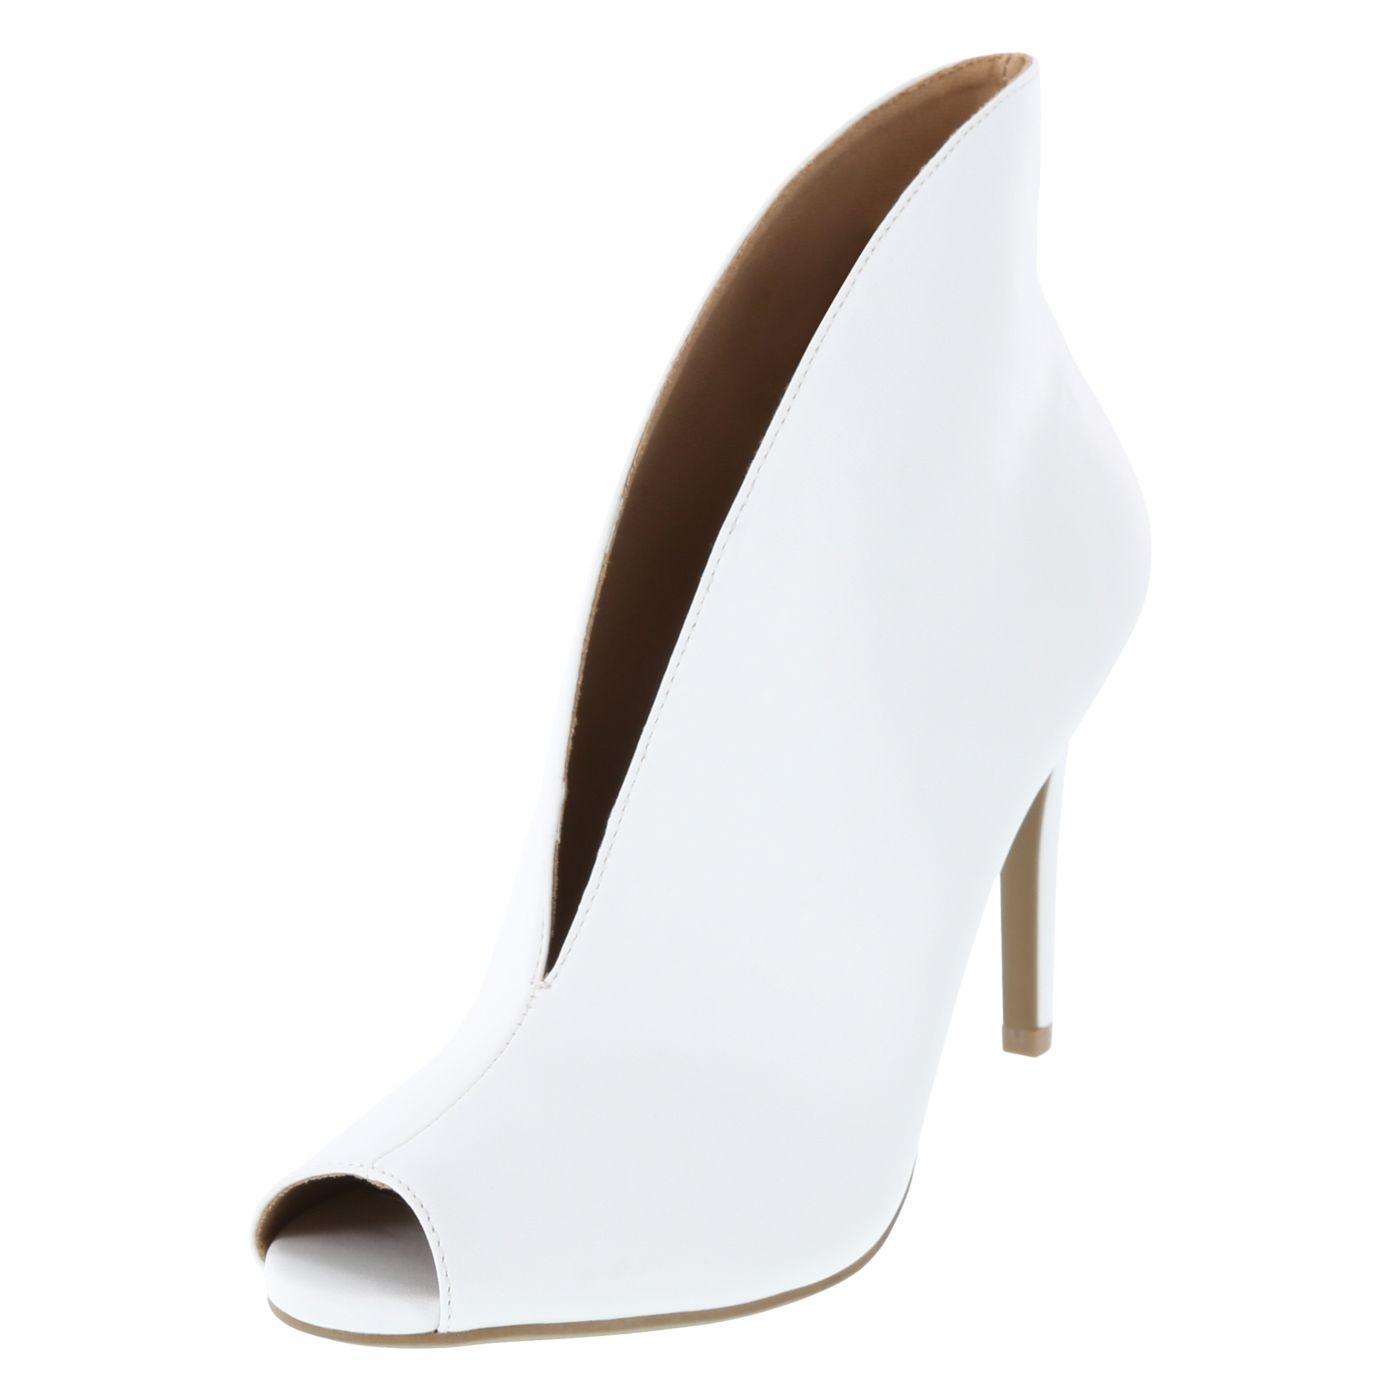 69decae83931 Christian Siriano for Payless Izzi Women s High Vamp Shootie Shoe